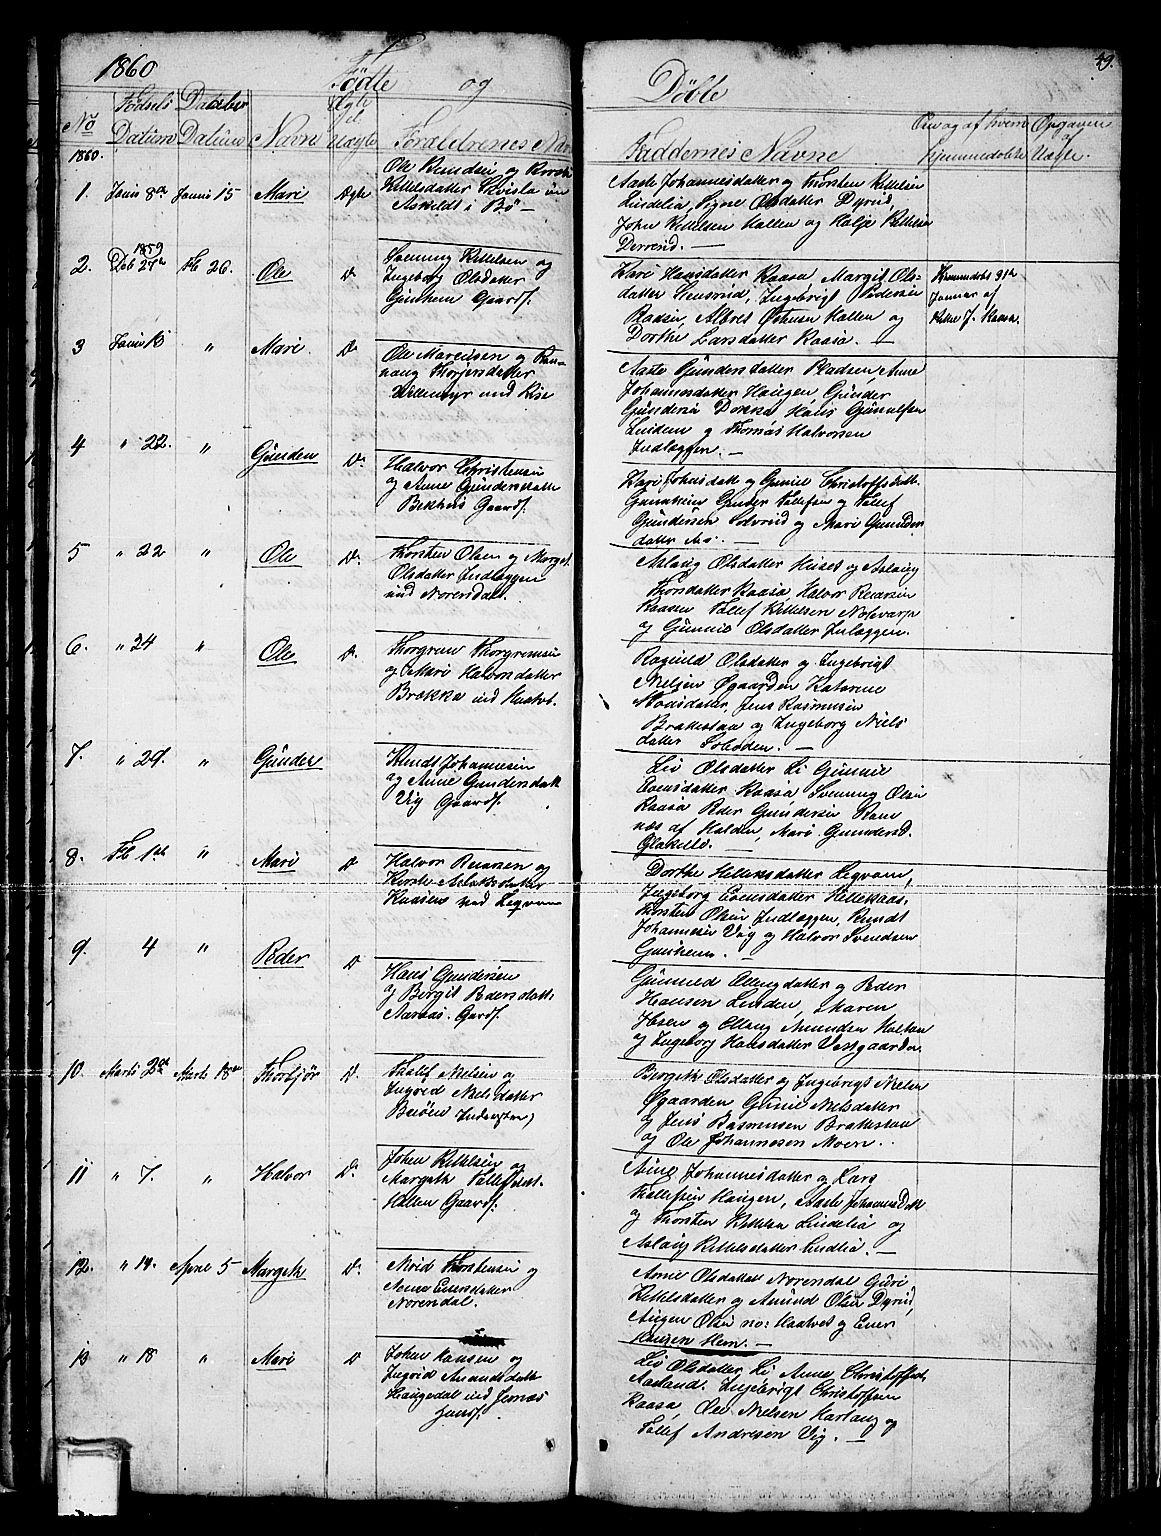 SAKO, Sauherad kirkebøker, G/Gb/L0001: Klokkerbok nr. II 1, 1845-1865, s. 49